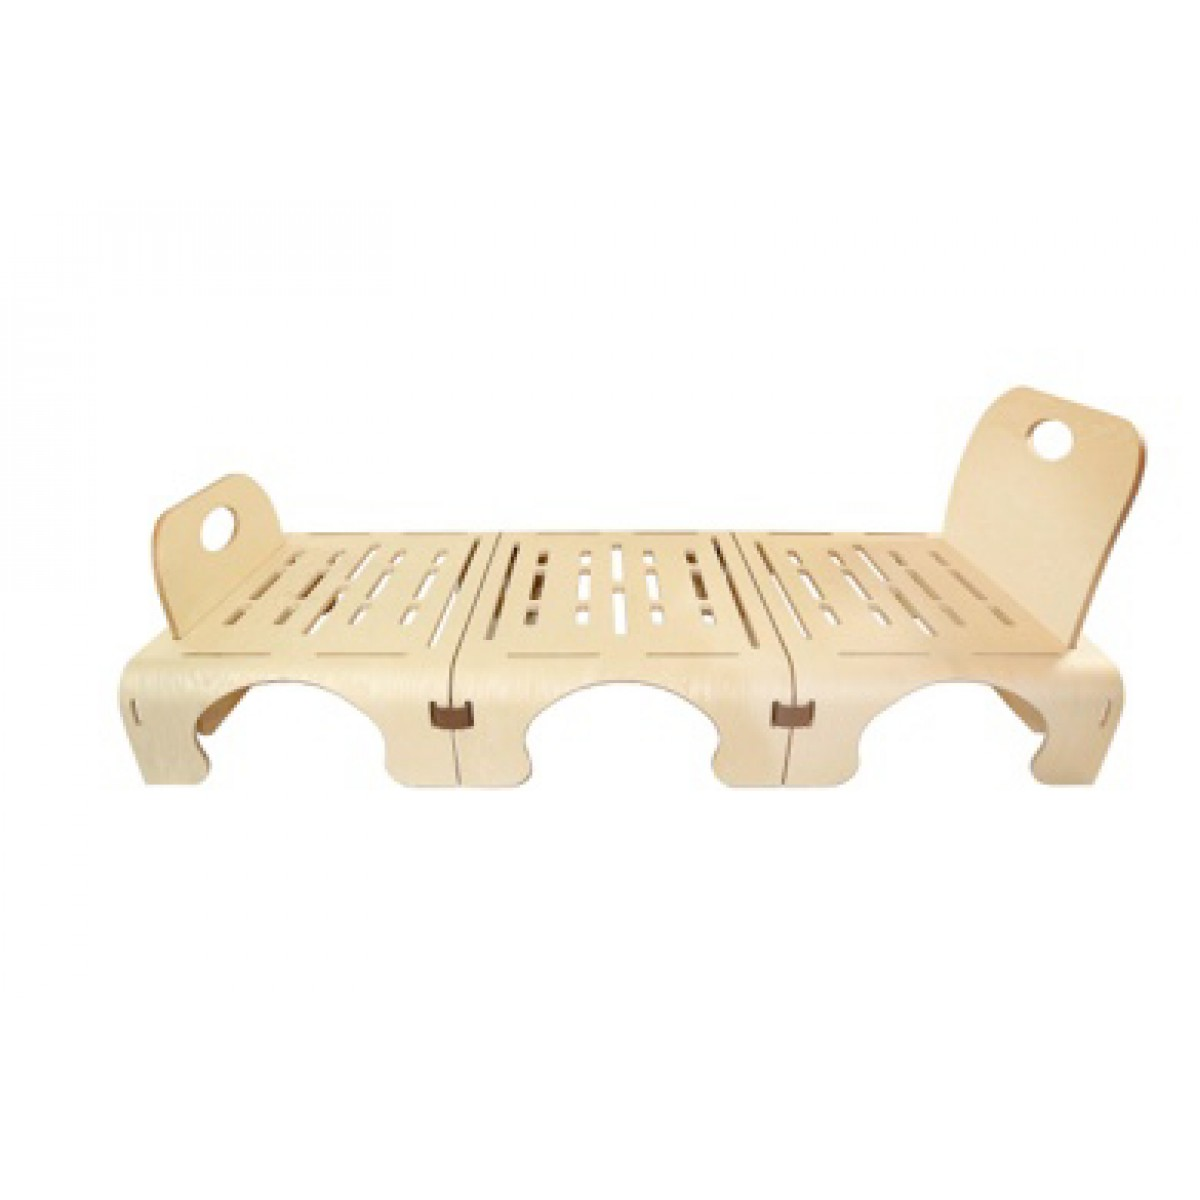 Einzelbett design  Flowerssori Einzelbett - Design Möbel beim Holzspielzeug Profi!